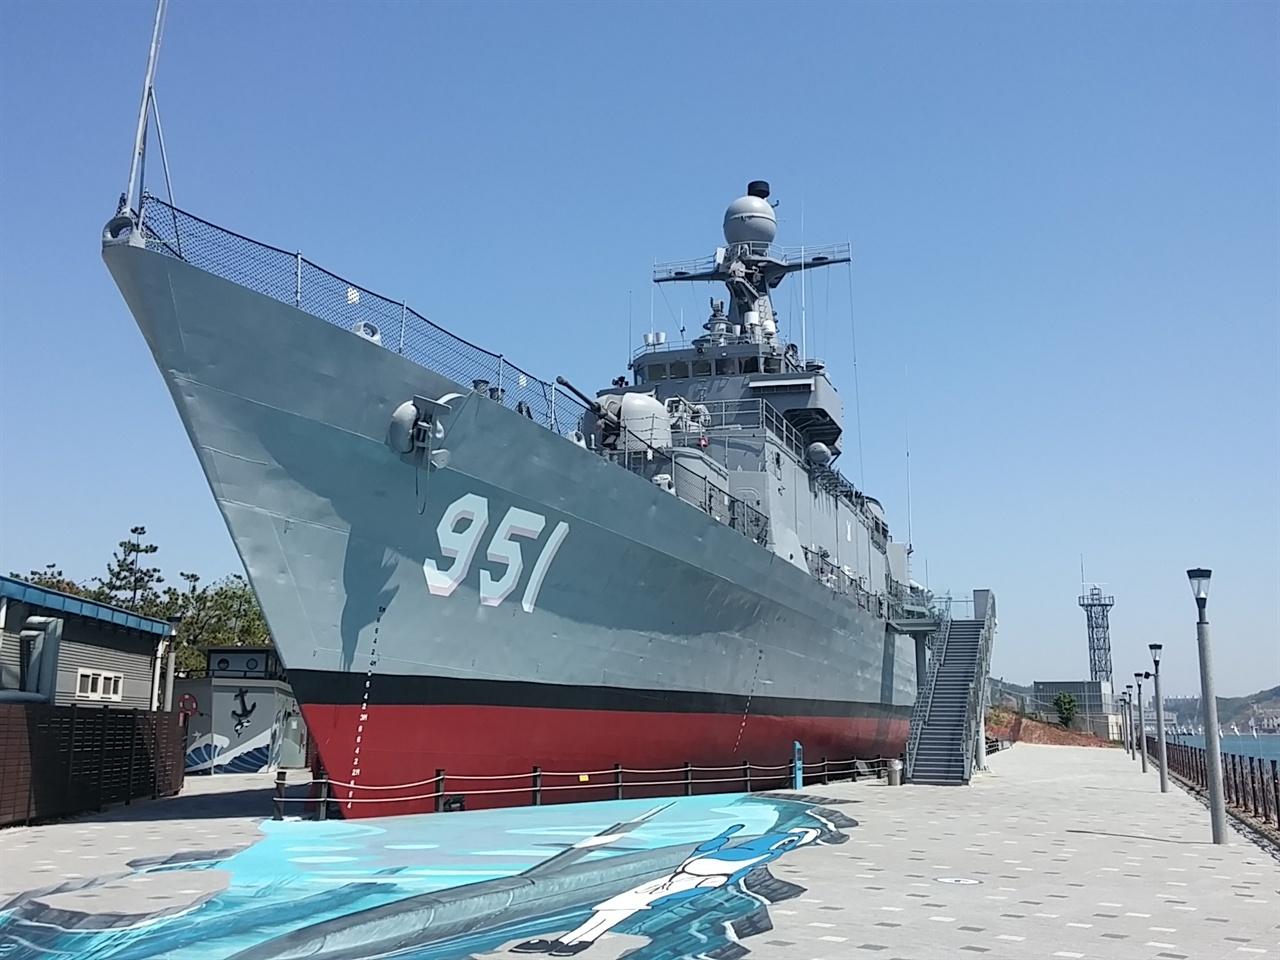 울산함 FF-951의 위용